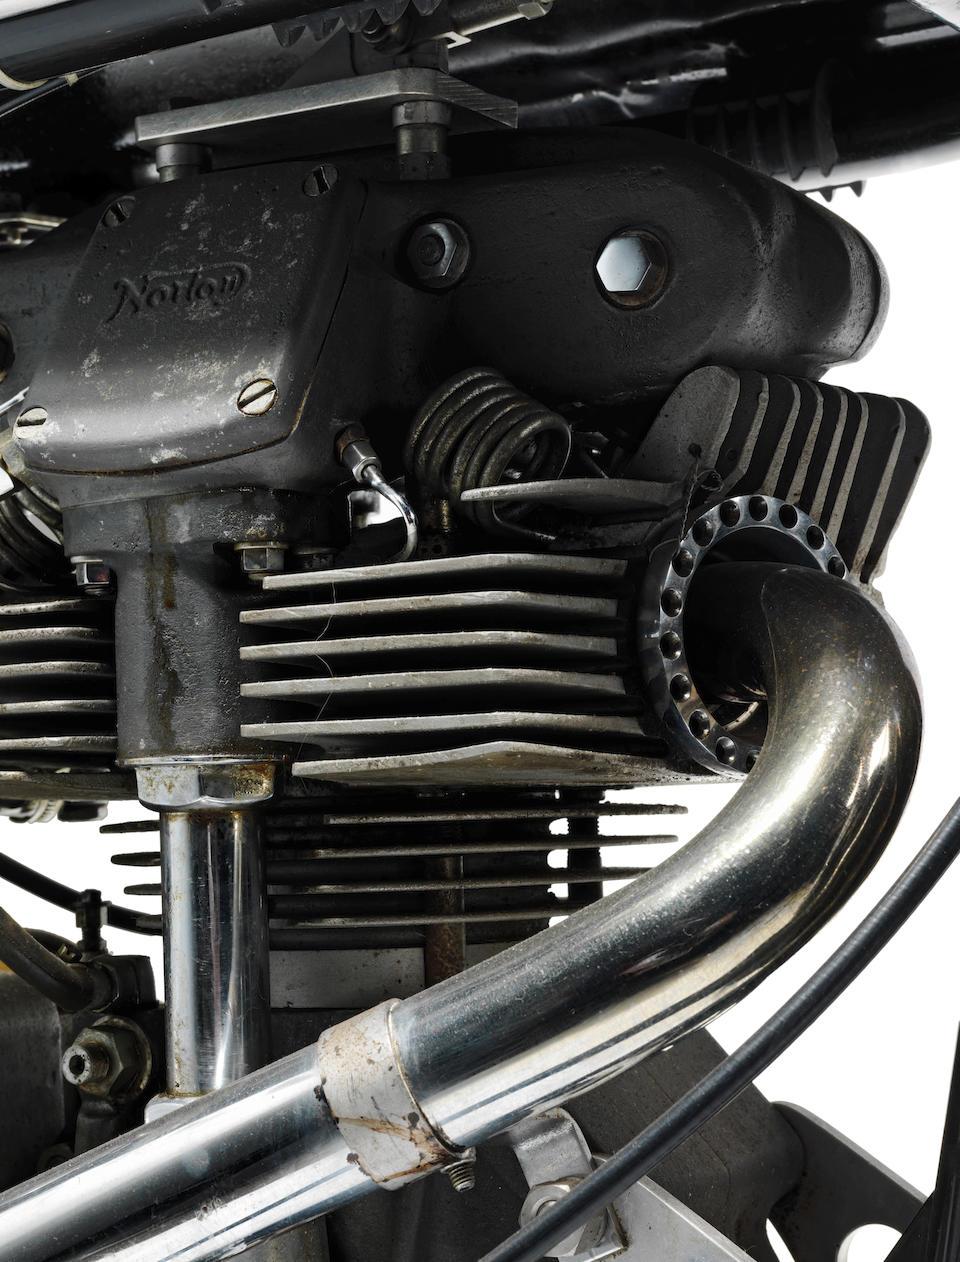 Norton 250cc Manx Racing Motorcycle Engine no. 85393